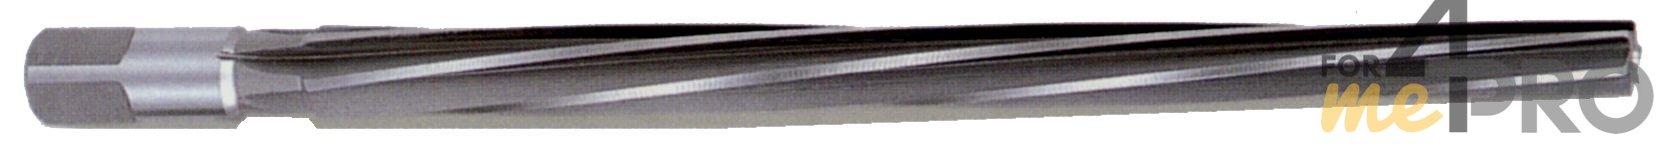 Alésoir machine HSS avec goujures hélicoïdales 8° à gauche